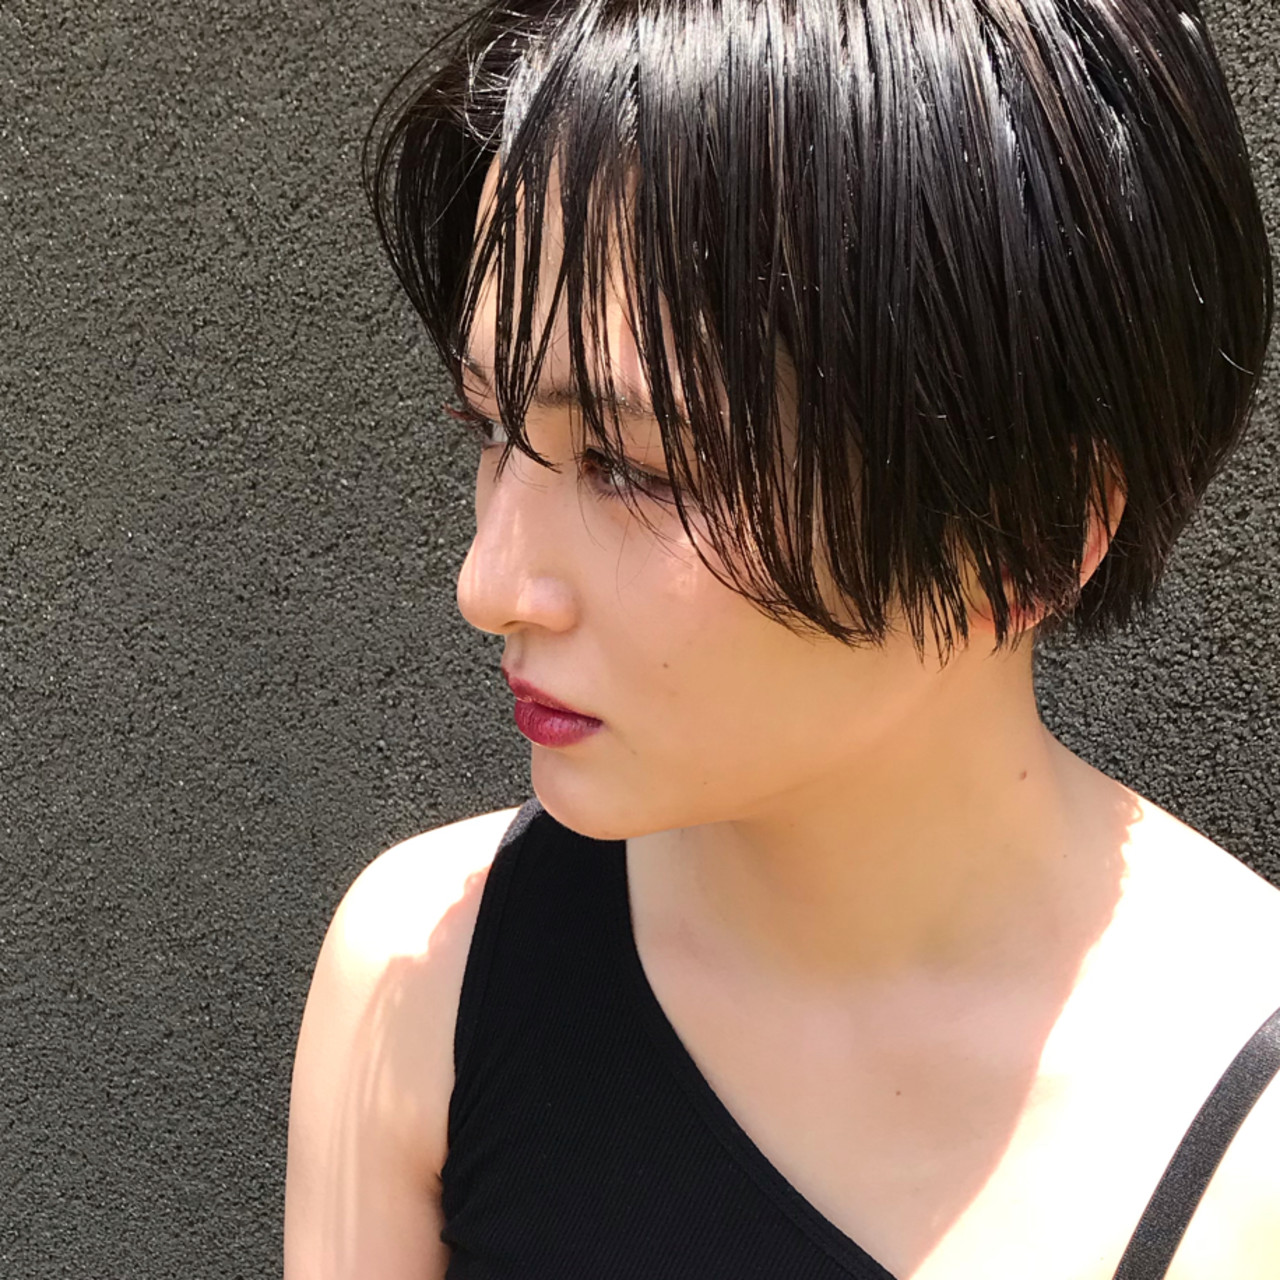 ウェットヘア 切りっぱなし ショート クール ヘアスタイルや髪型の写真・画像